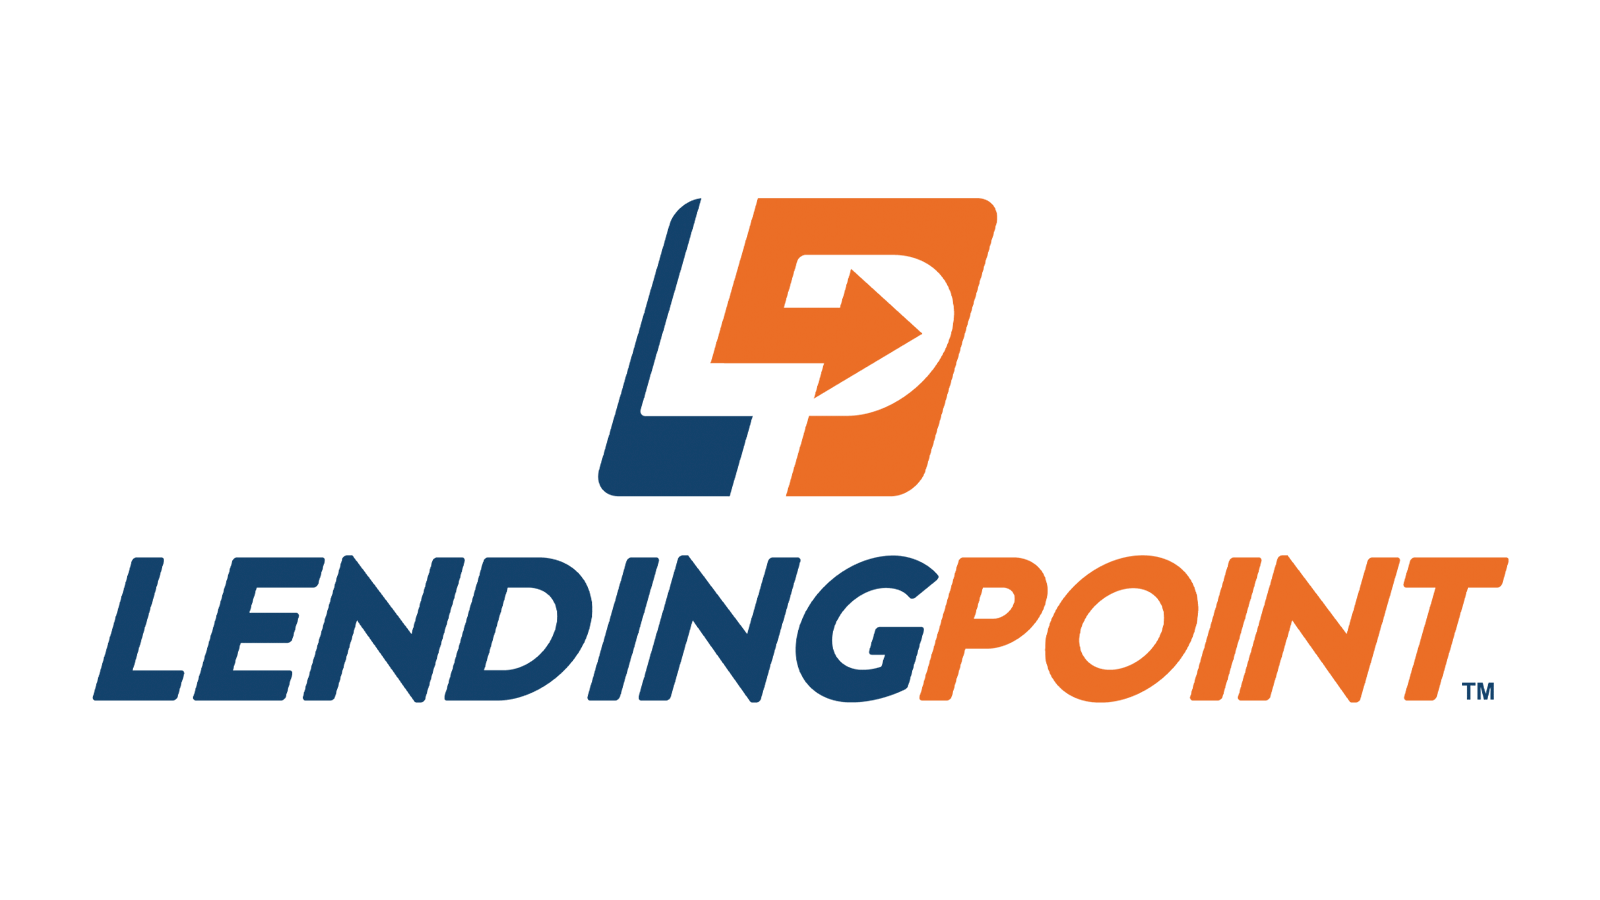 Lending Point™ logo